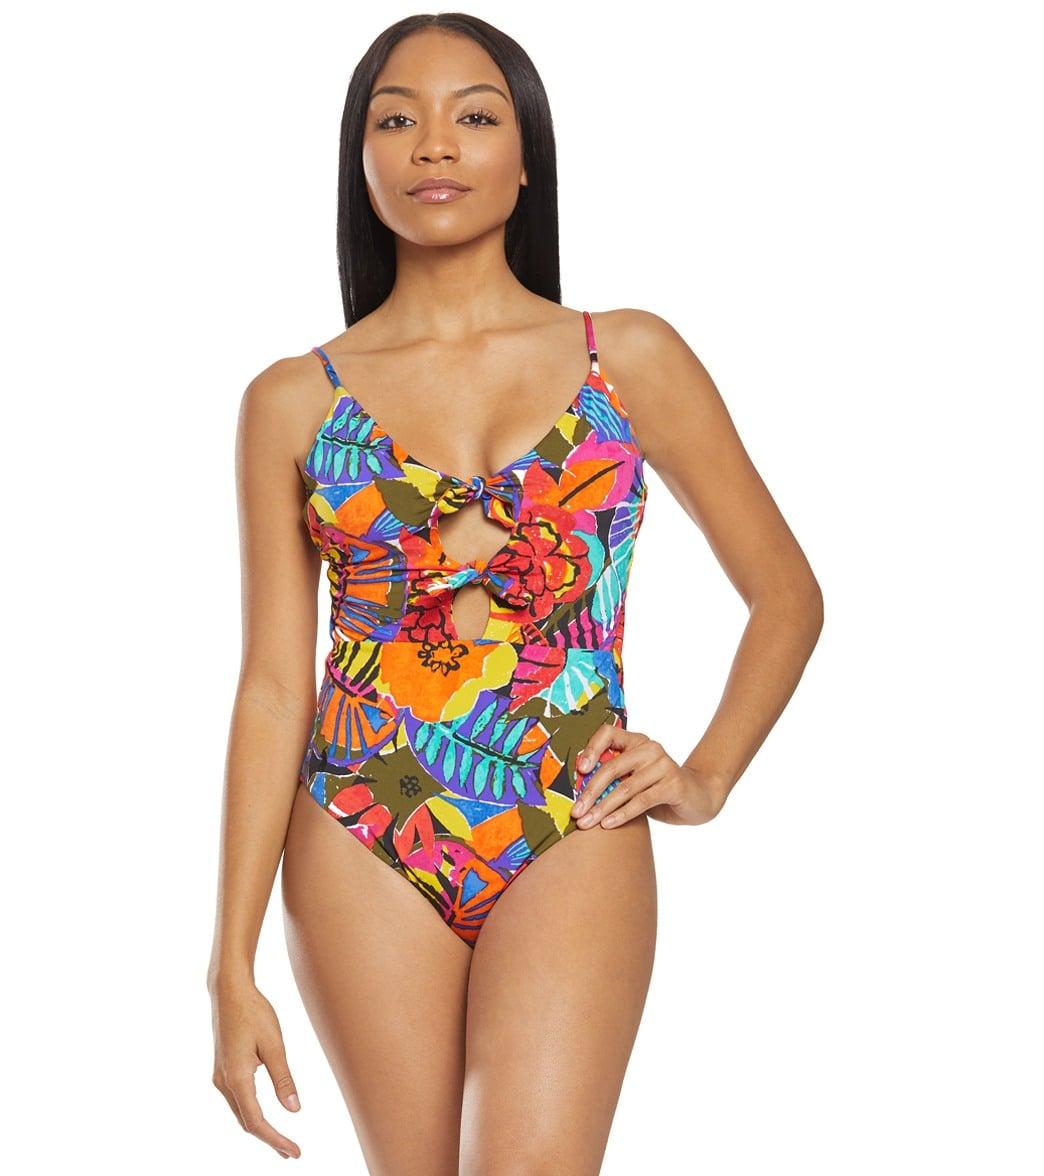 7c88acc9a9714 Polo Ralph Lauren Batik Floral Double Tie One Piece Swimsuit at  SwimOutlet.com - Free Shipping